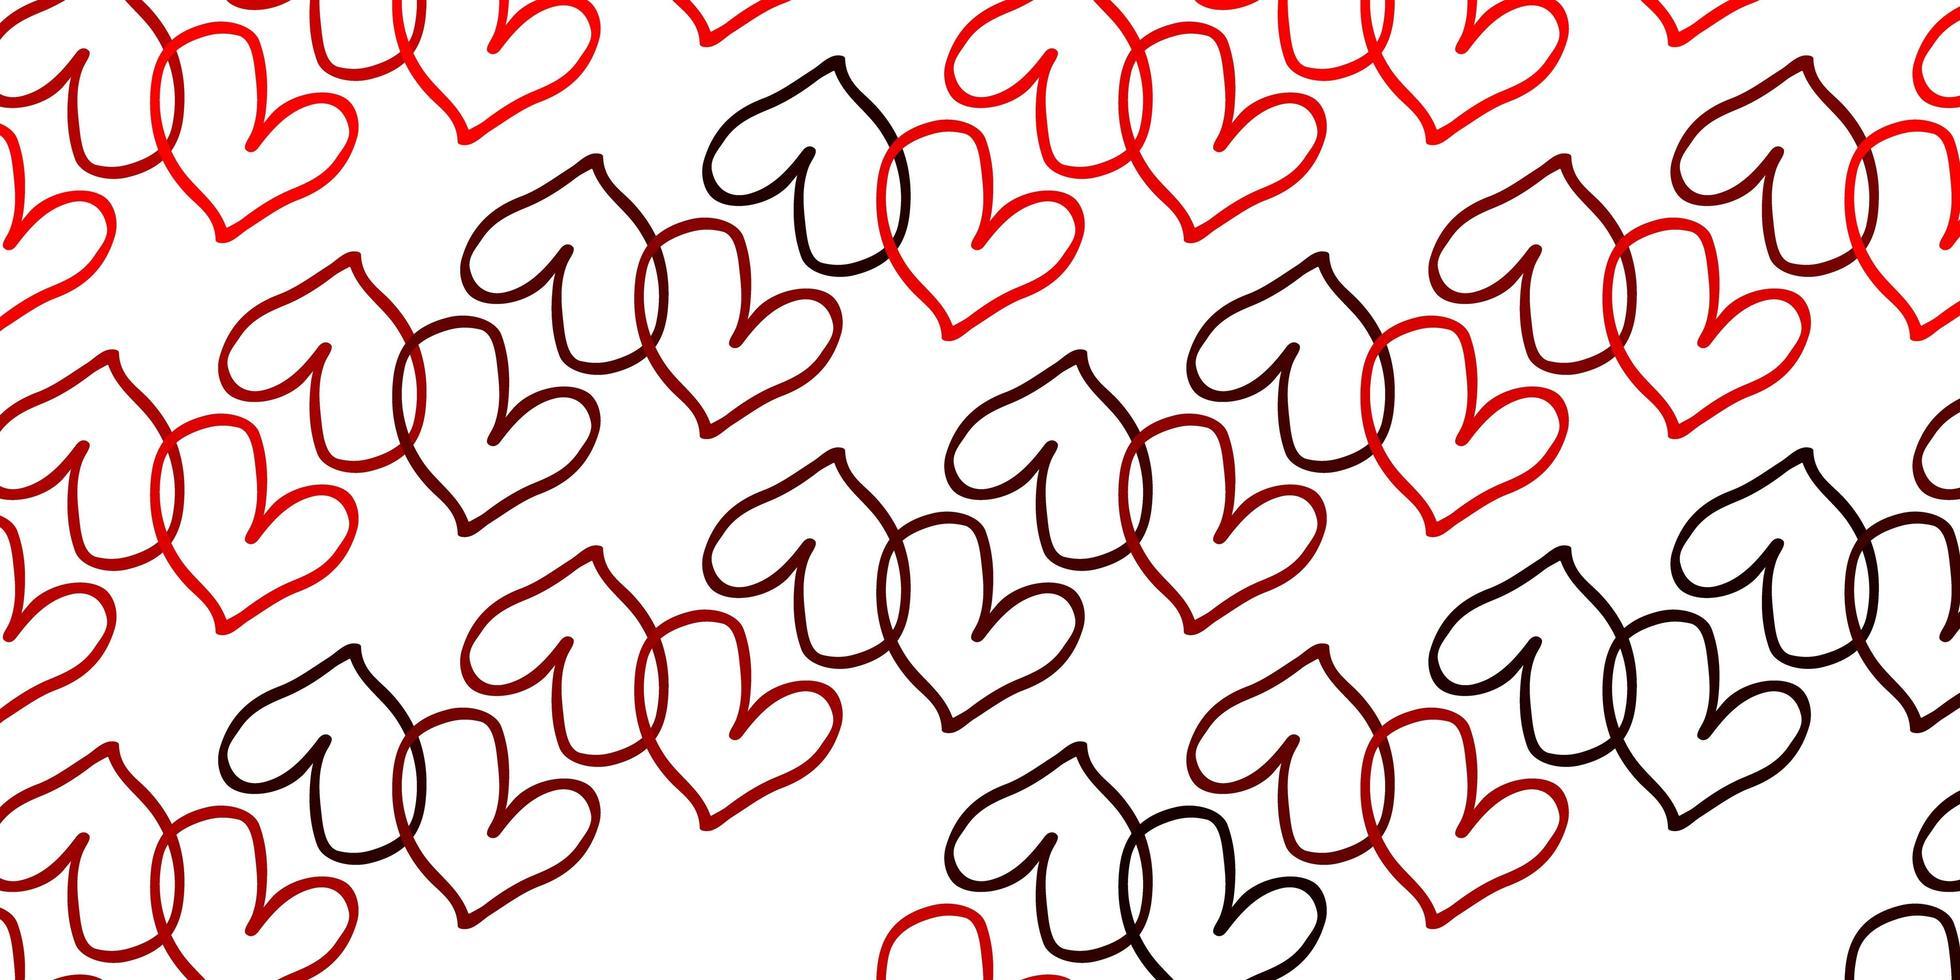 Fondo de vector rojo claro con corazones.